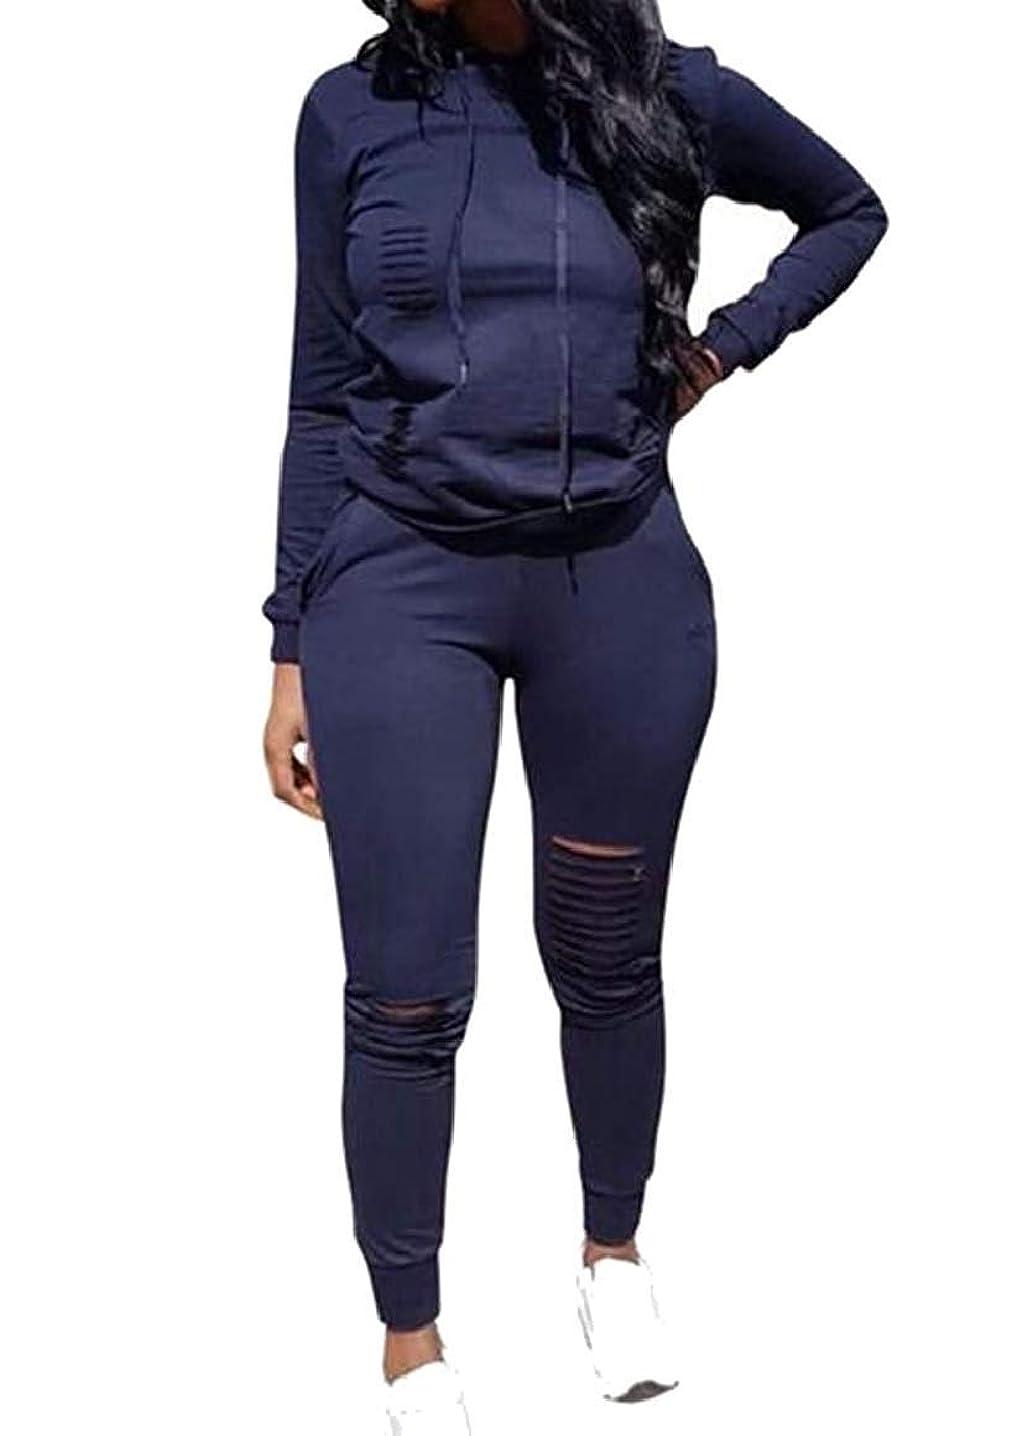 古代なす導出女性ドローストリングフード付きソリッドカラー2ピースセットワークアウトホール衣装 1 US X-Small